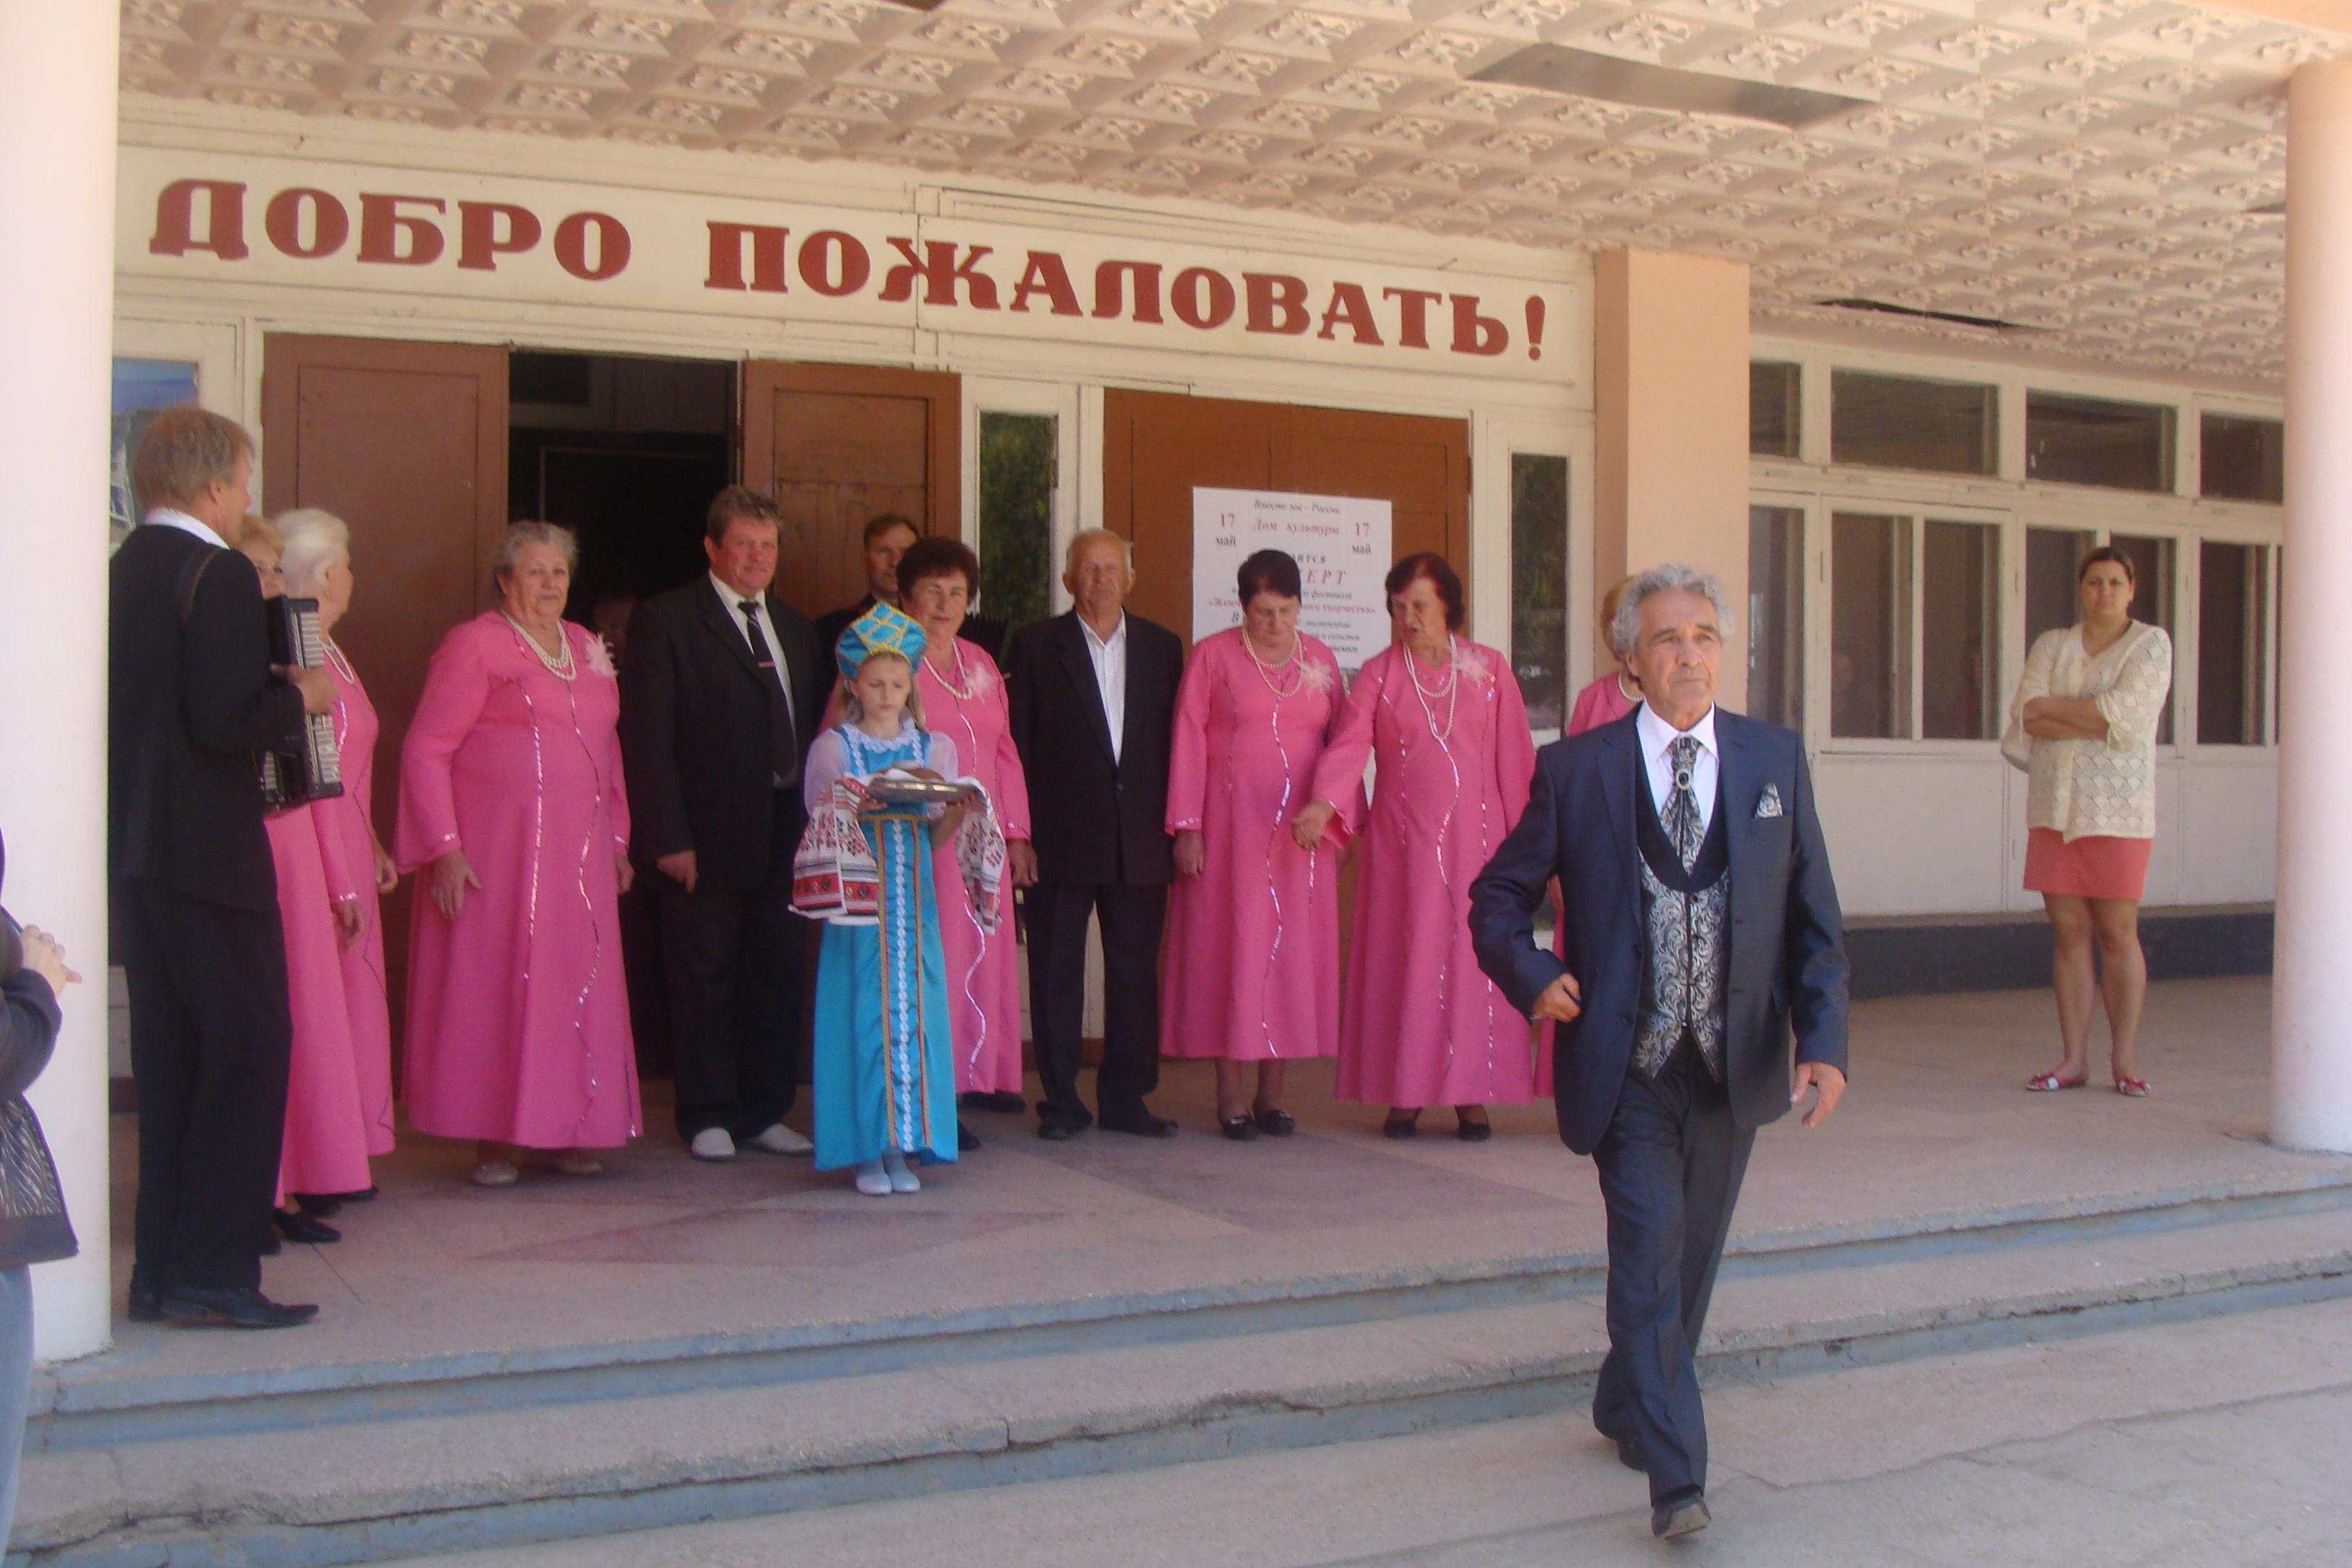 Приезжайте, друзья, к нам в Уютное — это чудо на крымской земле!